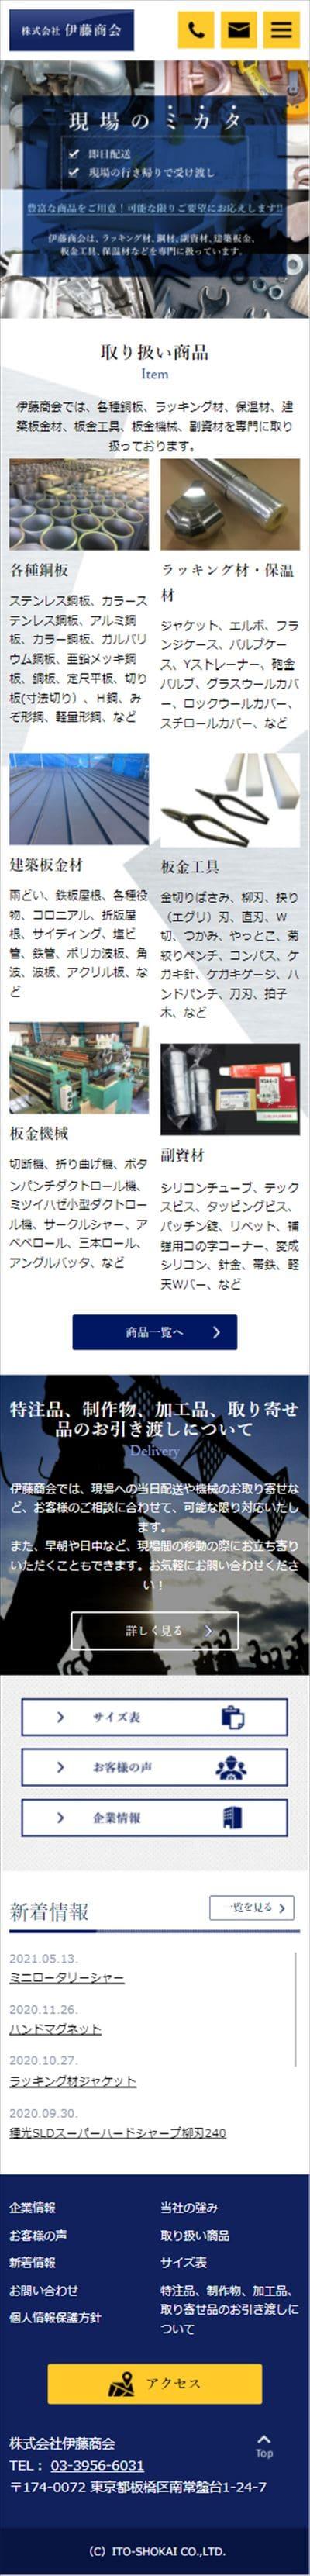 株式会社伊藤商会